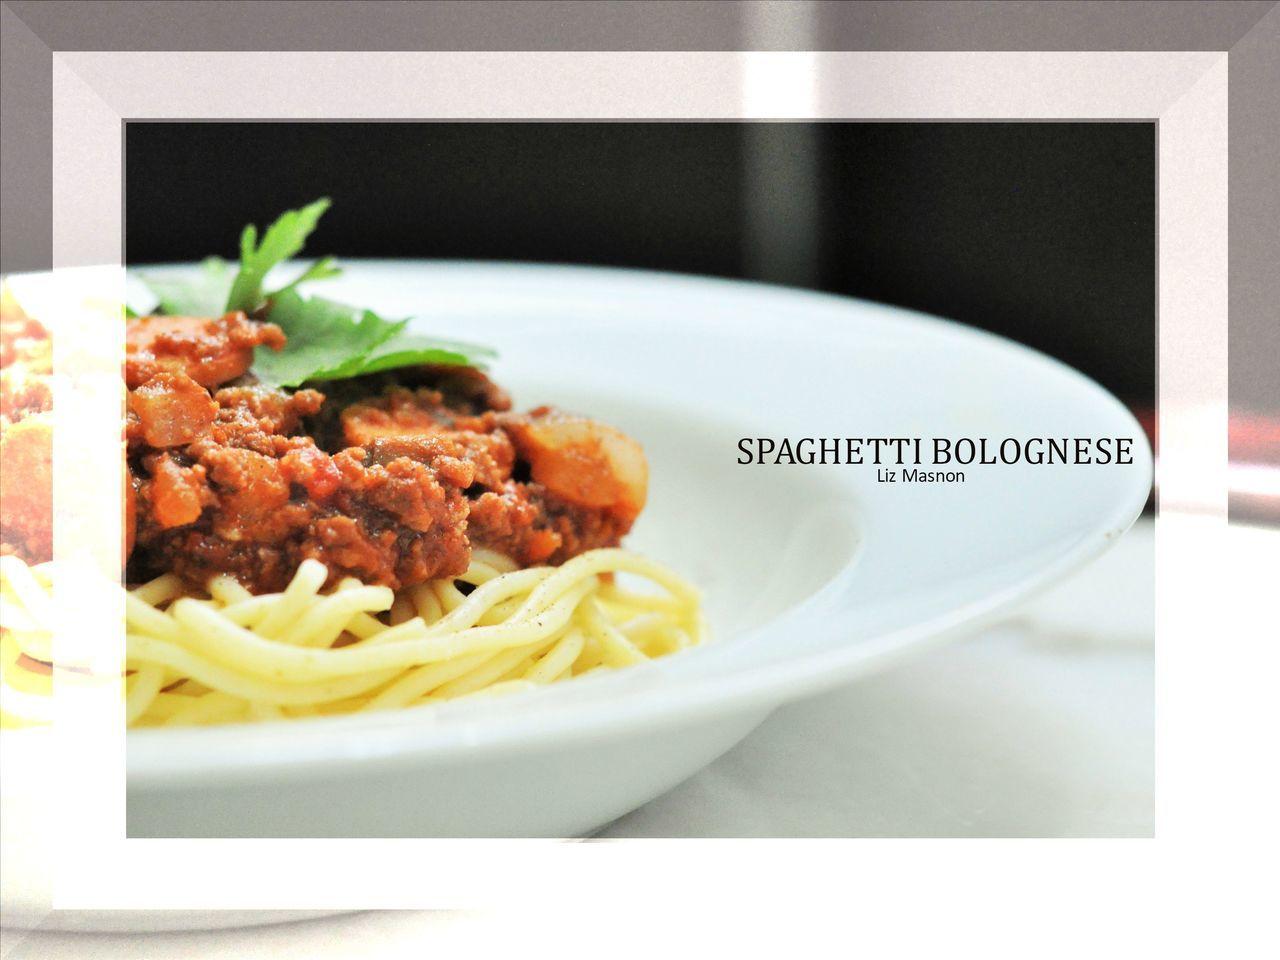 Food Freshness Italian Food Italianfood Meal Plate Ready-to-eat Spaghetti Spaghetti Bolognese